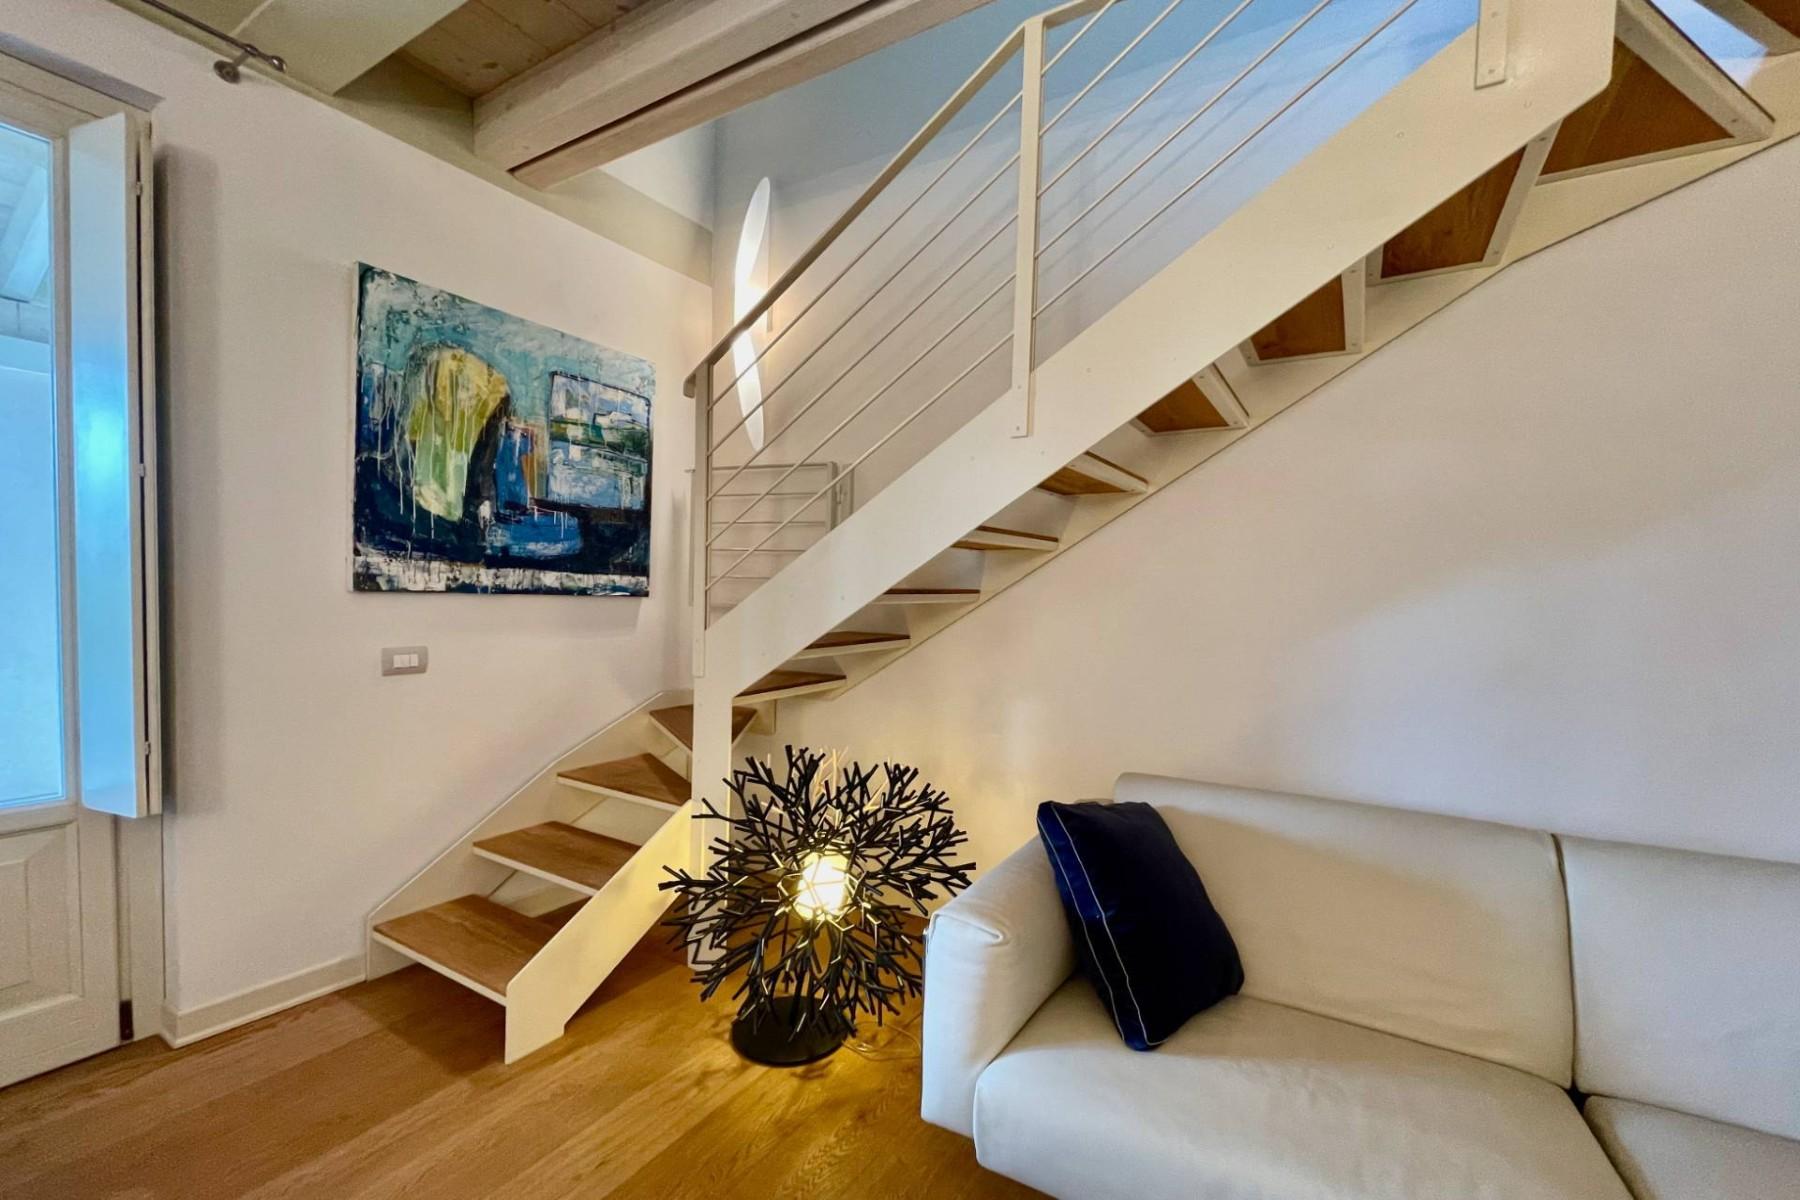 Appartamento in Vendita a Pozzolengo: 2 locali, 67 mq - Foto 13